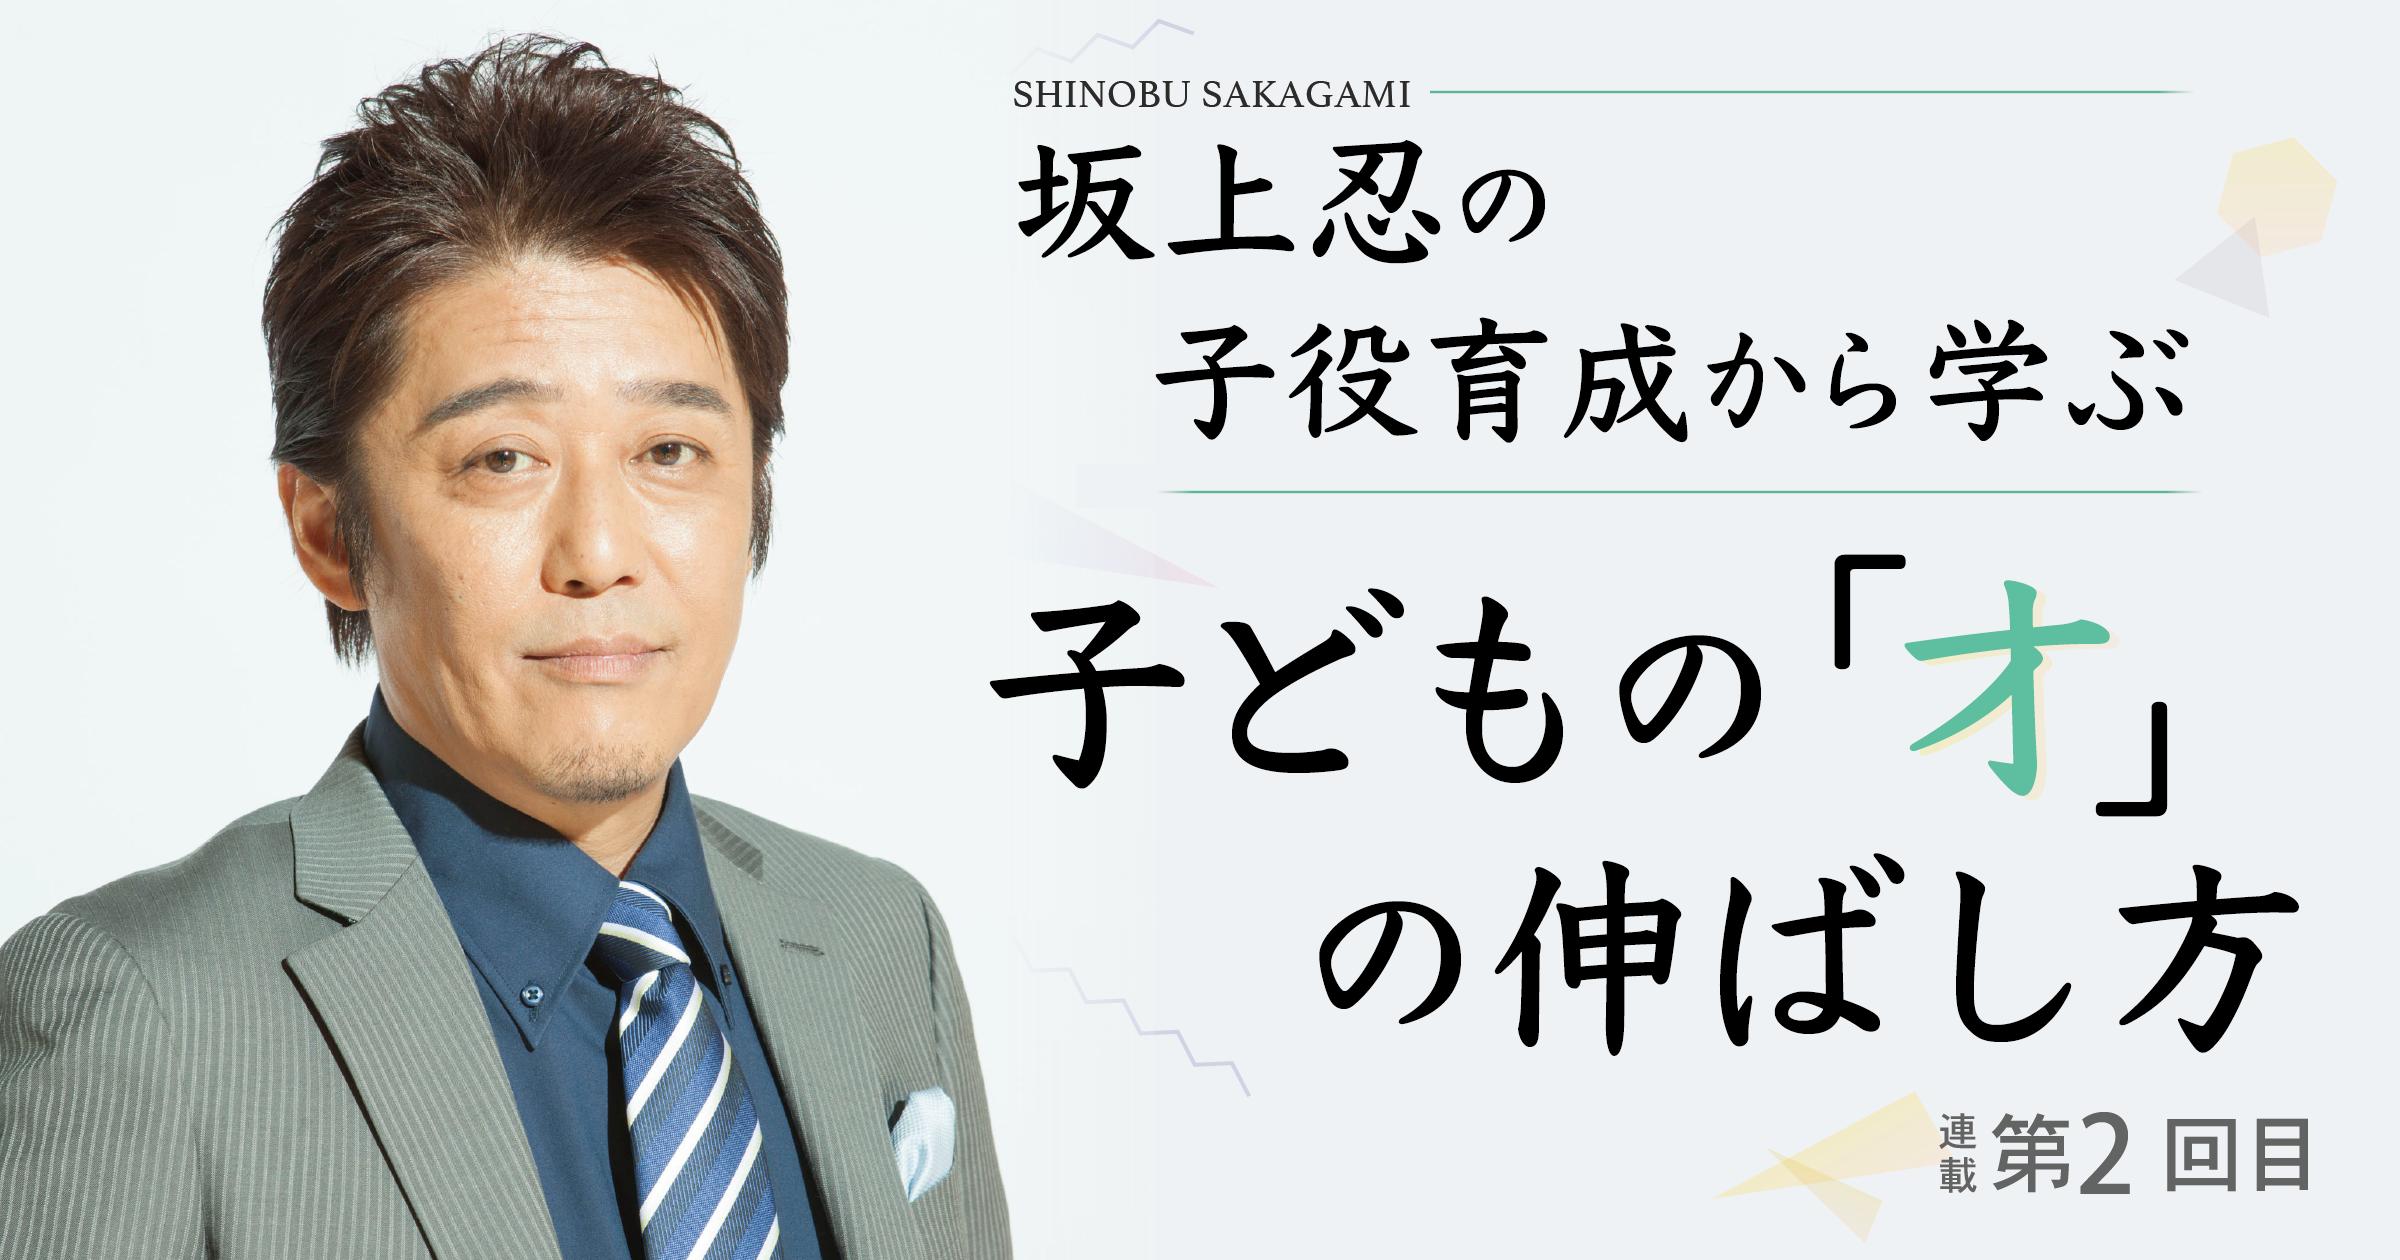 坂上忍さんの子役育成から学ぶ 子どもの「才」の伸ばし方【第2回】~「いい親だなあ」と感じる言葉~